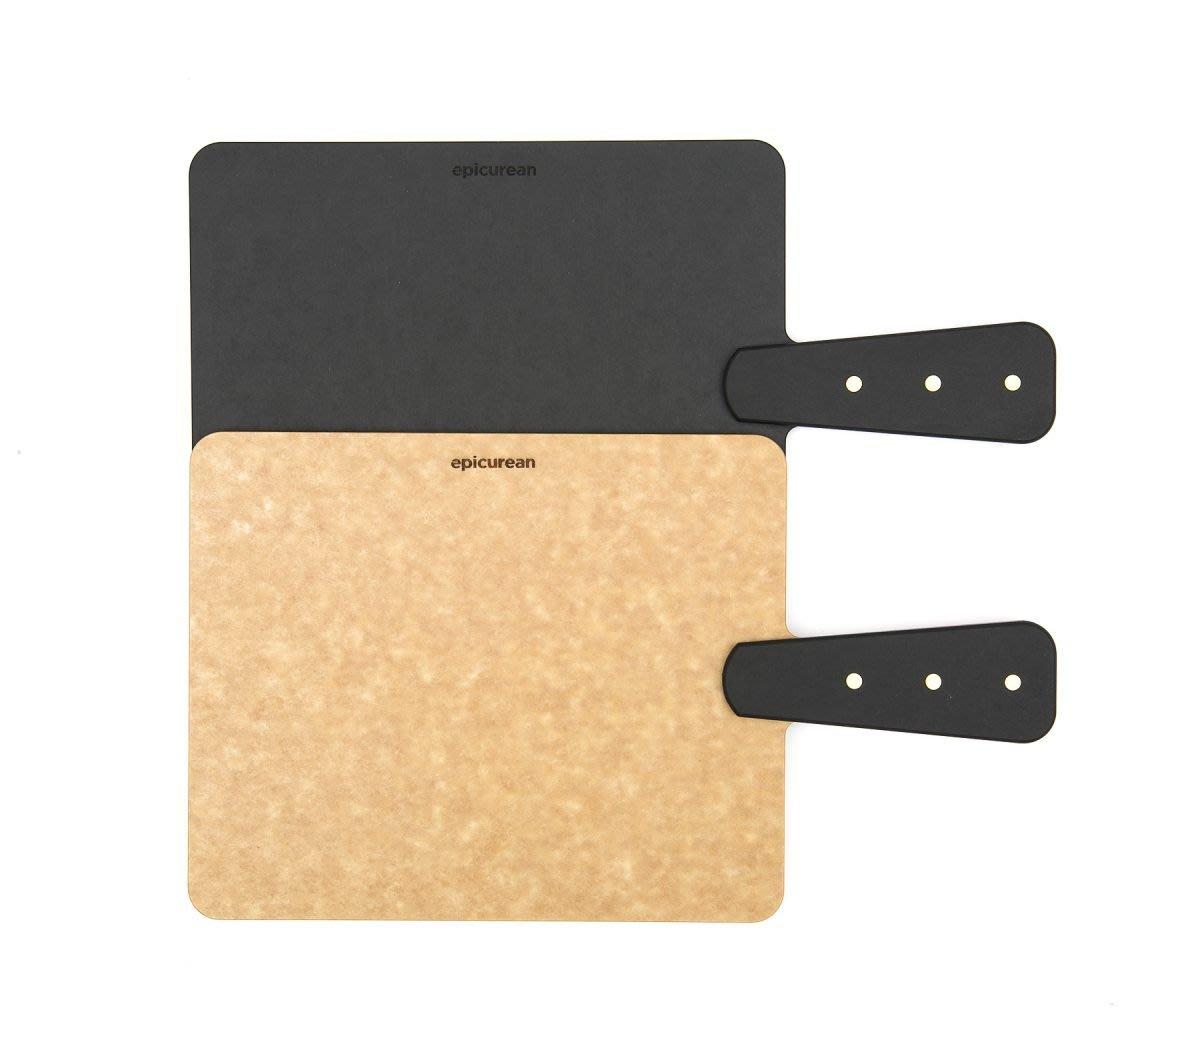 美國Epicurean砧板 (Riveted Handle Handy) 把手款砧板S號